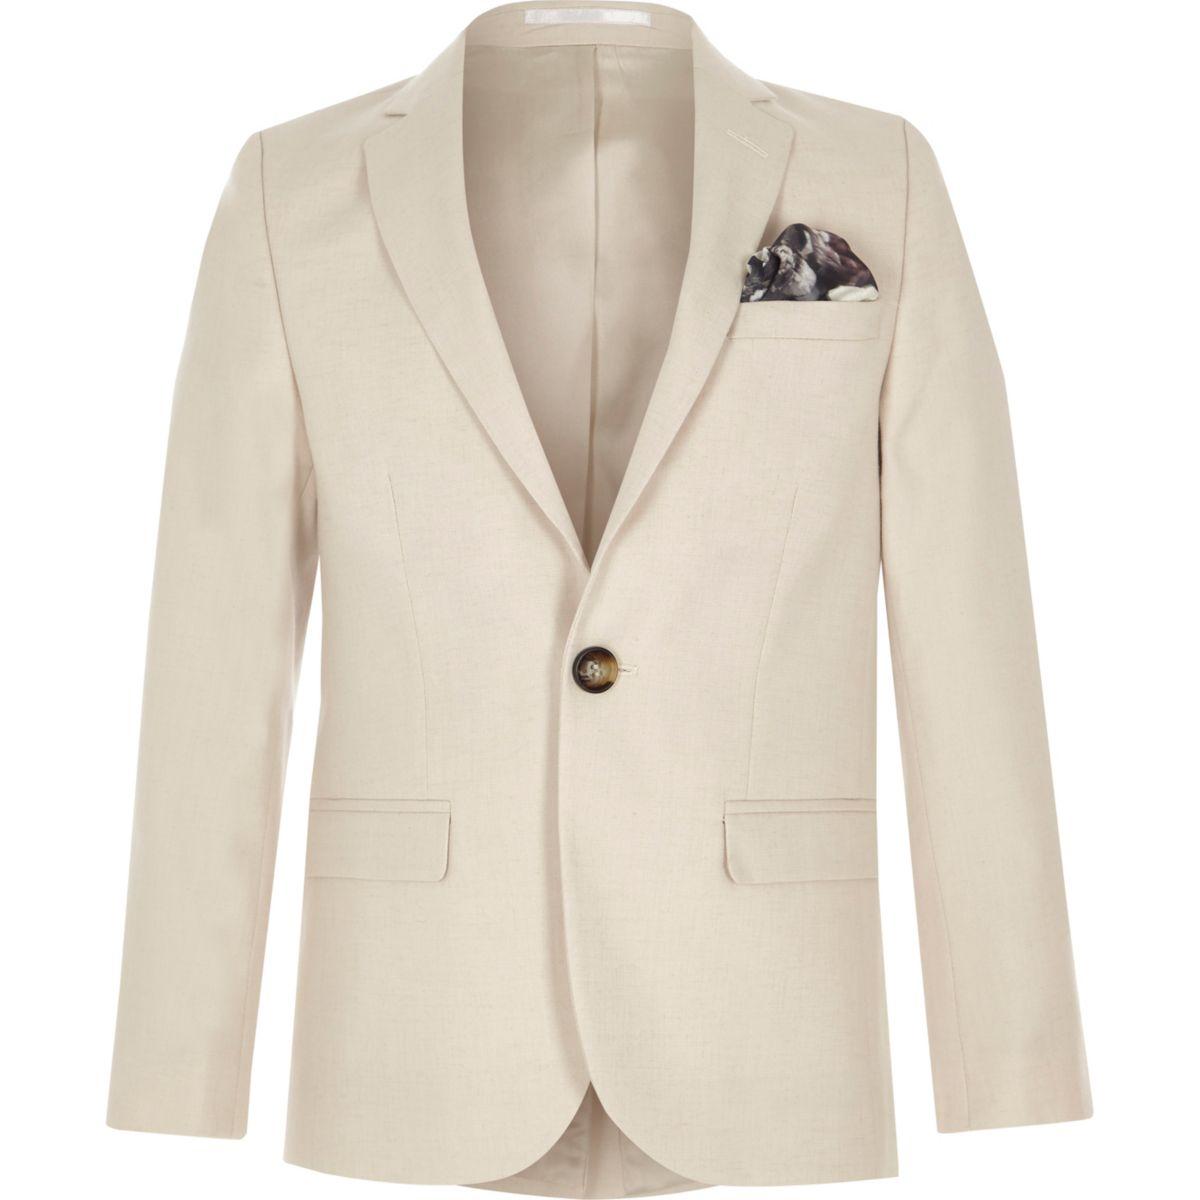 Veste de costume crème avec lin pour garçon